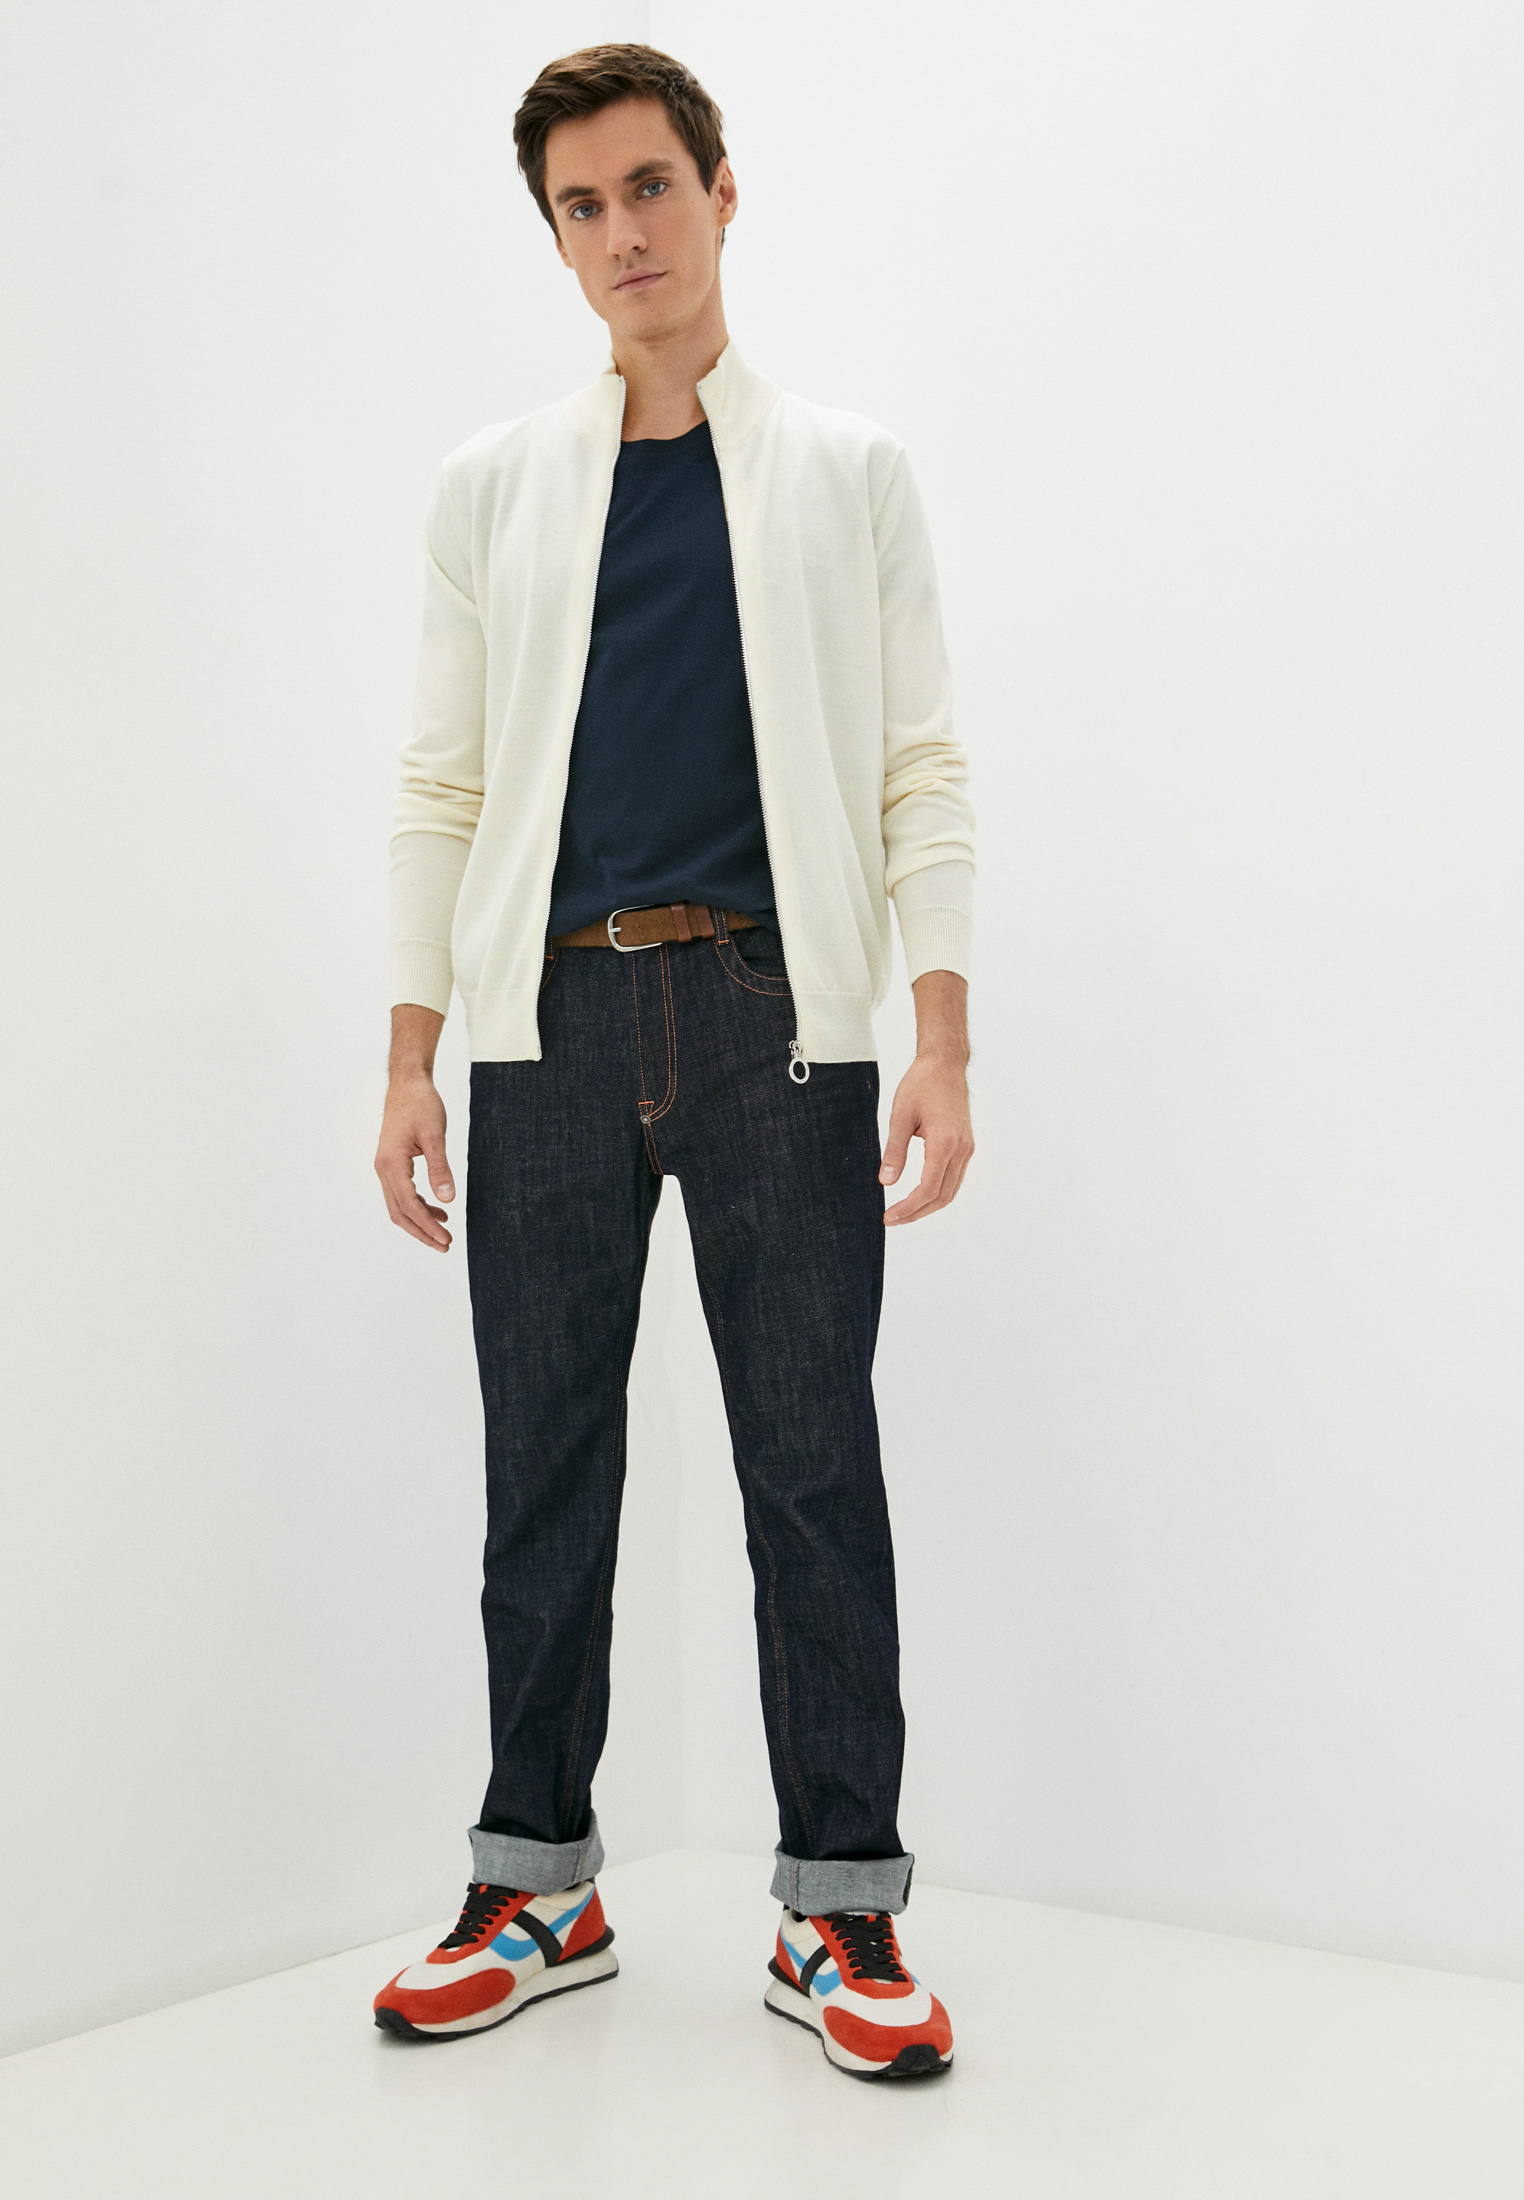 Мужские прямые джинсы Bikkembergs (Биккембергс) C Q 102 03 S 3393: изображение 18